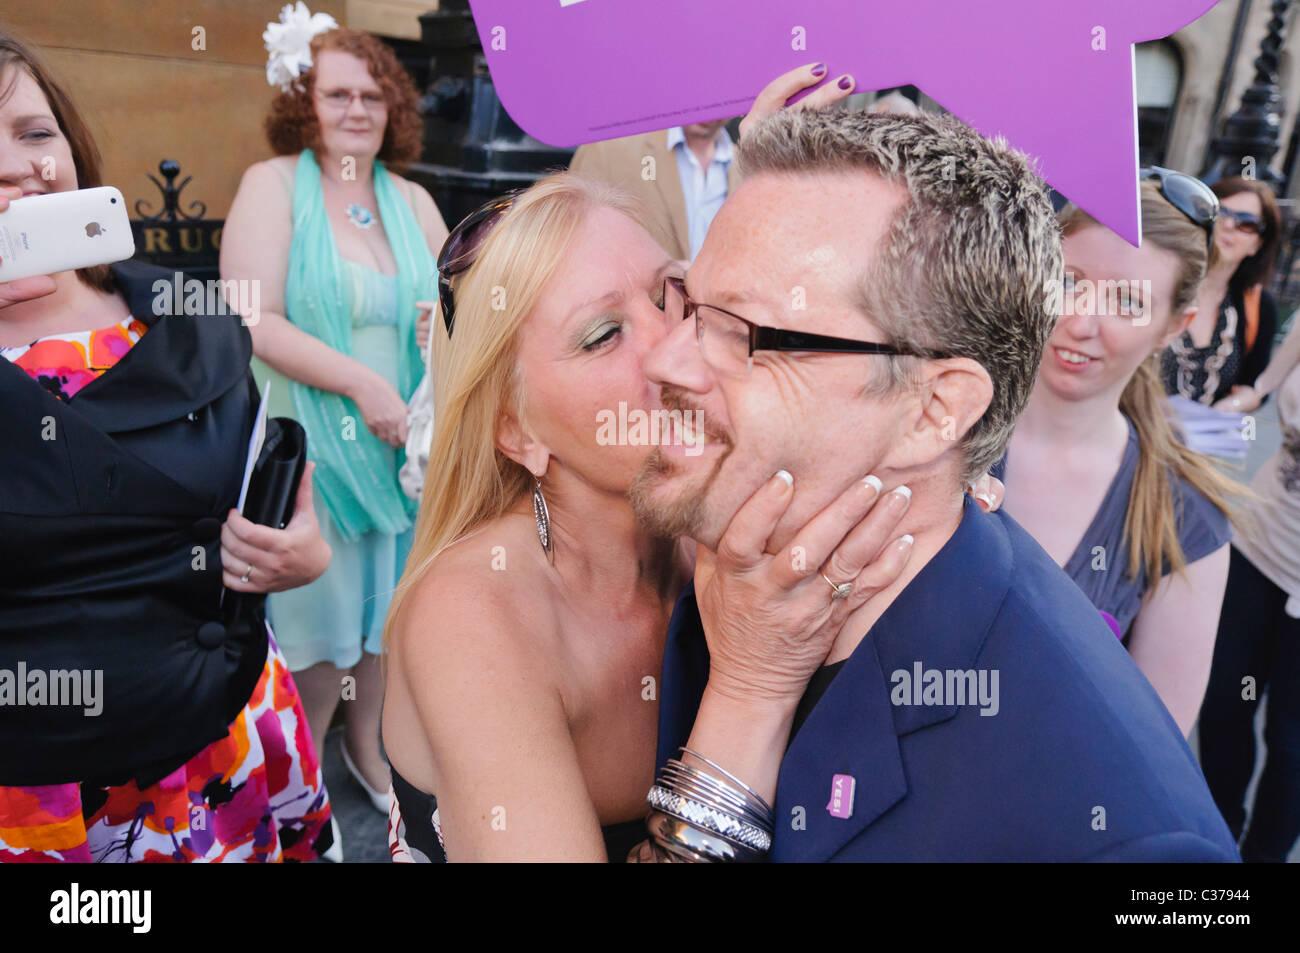 Comedy Wedding Imágenes De Stock & Comedy Wedding Fotos De Stock - Alamy